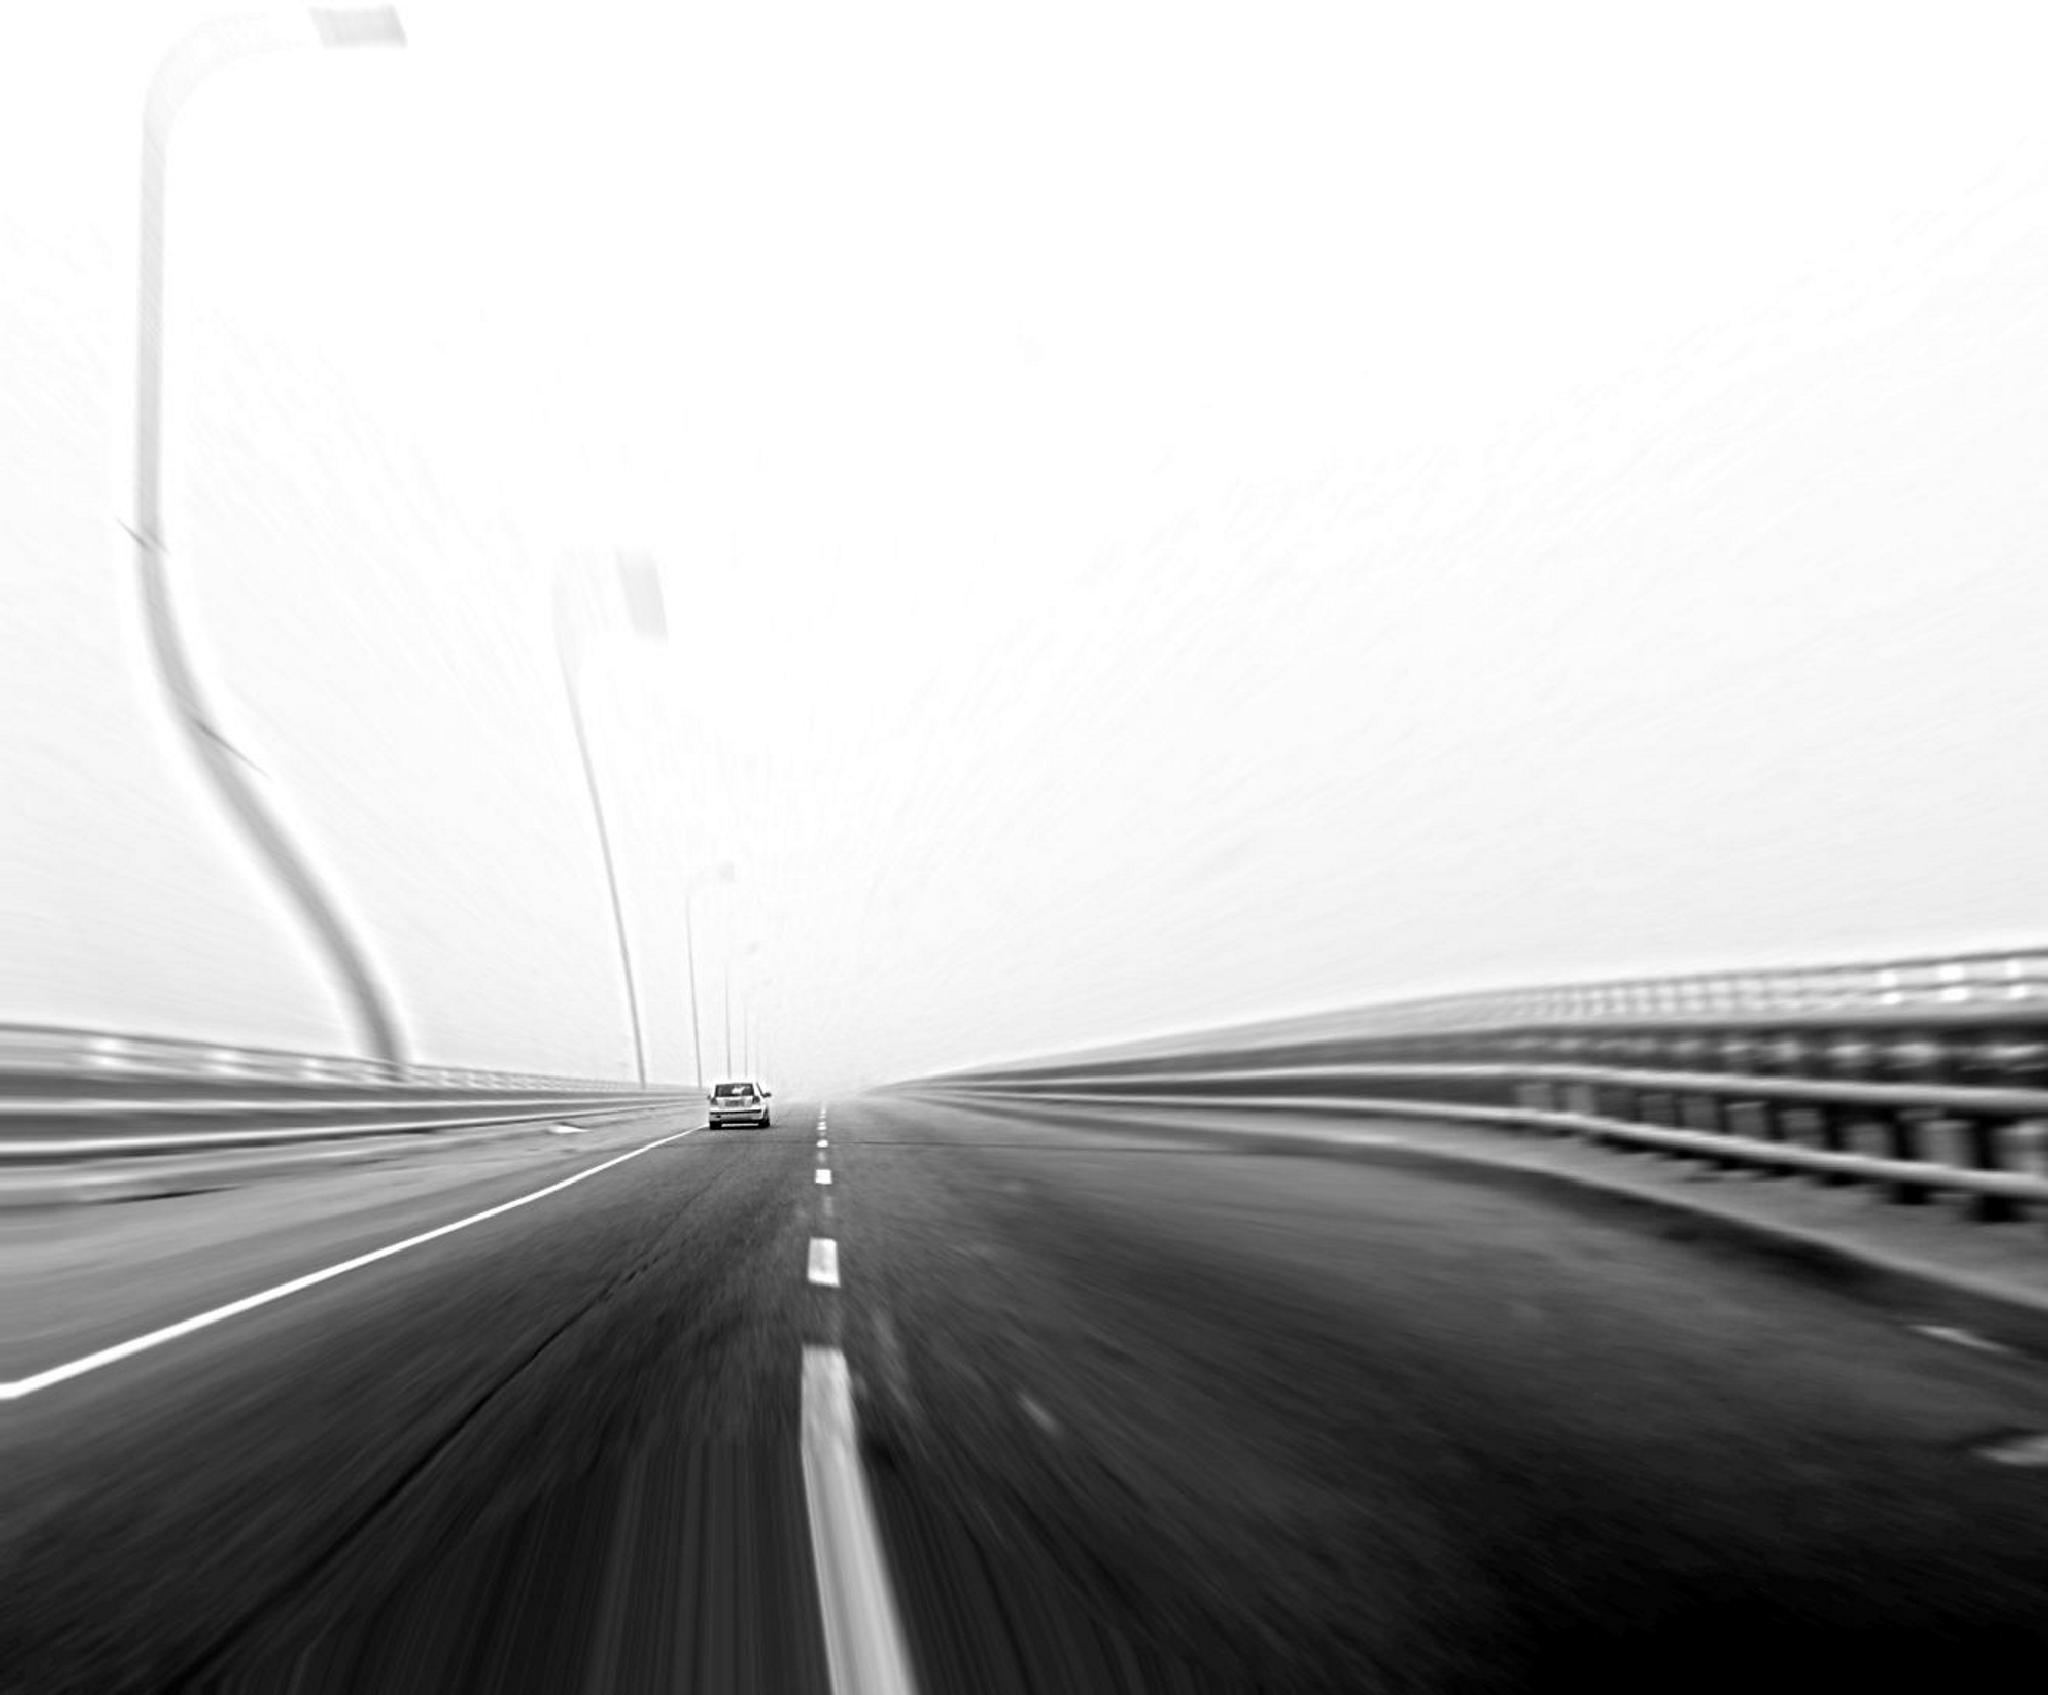 Into the fog by dany.kahanovitch